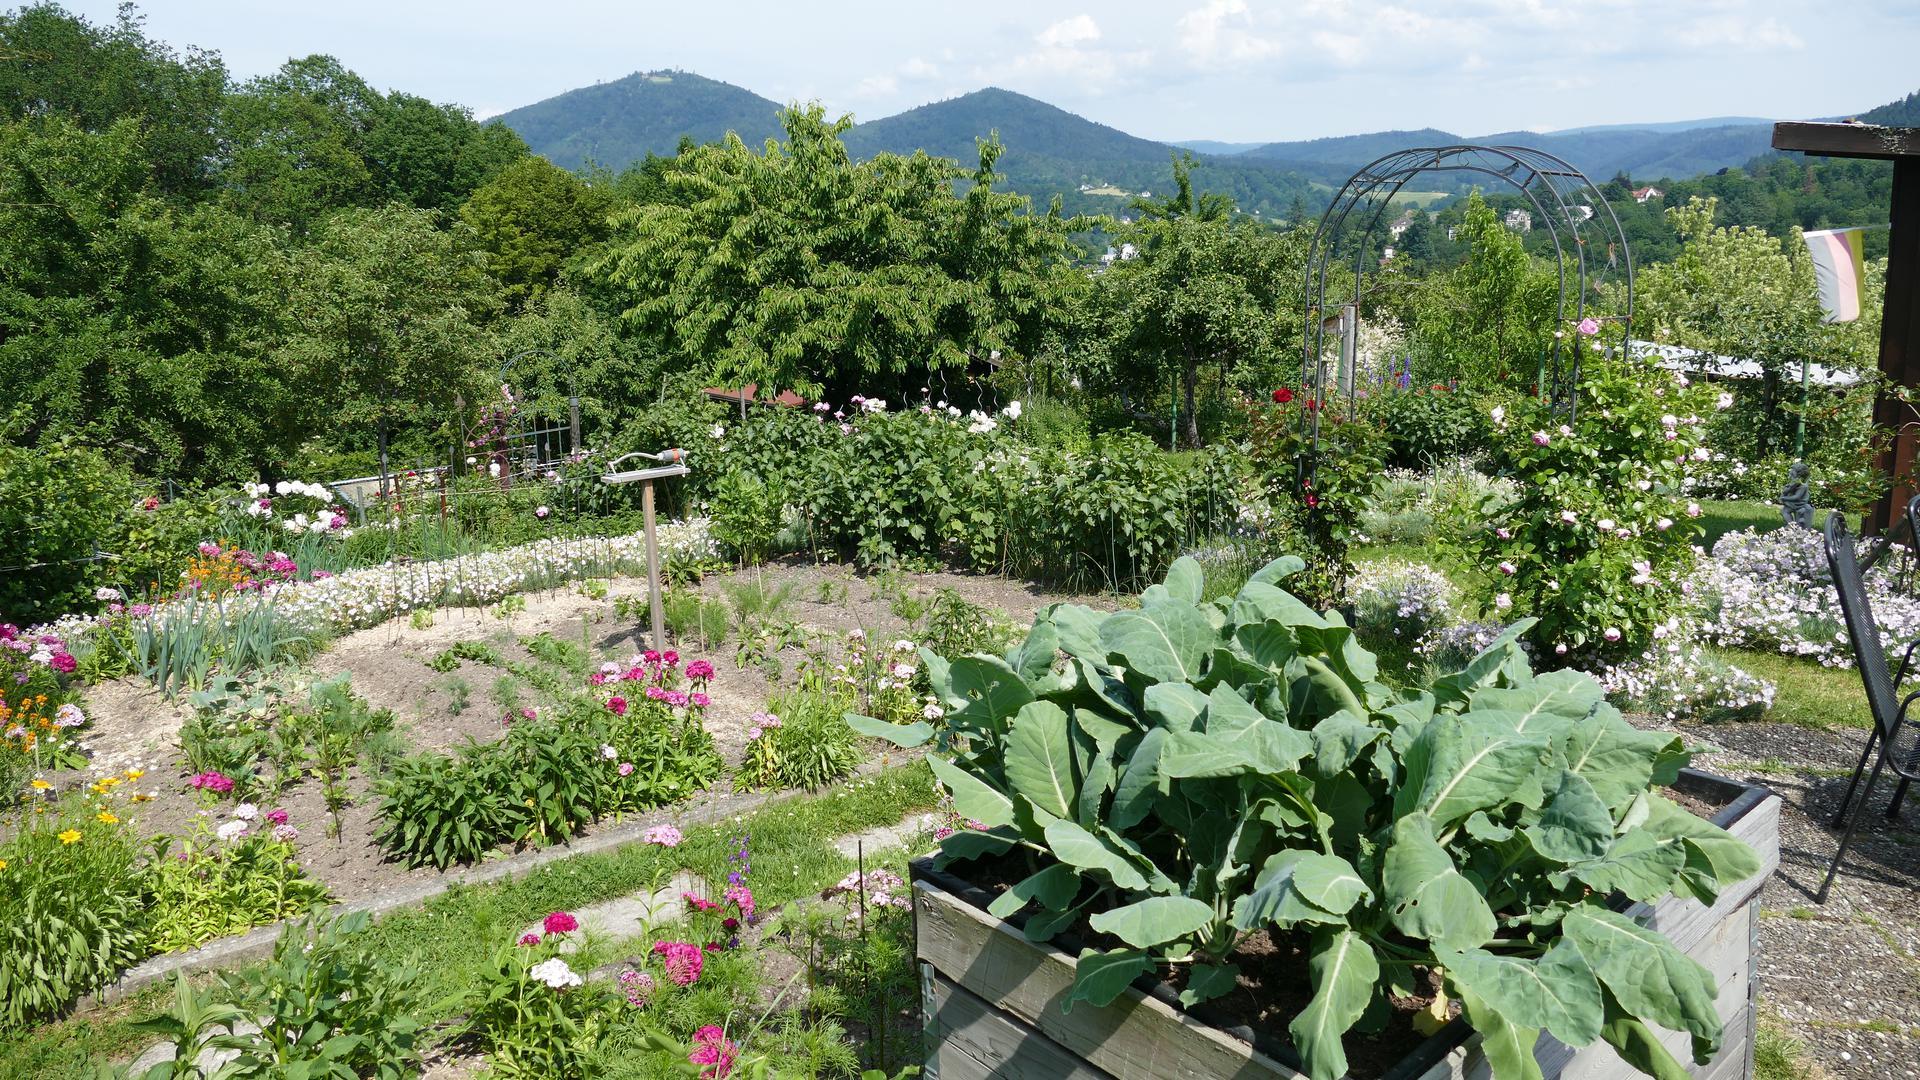 In Kleingärten gilt die ein-Drittel-Regel. Das bedeutet: es müssen mindestens zu je einem Drittel Obst/Gemüse und Blumen gepflanzt werden. Das restliche Drittel kann für Gartenlauben, Rasen oder Sitzgelegenheiten genutzt werden.